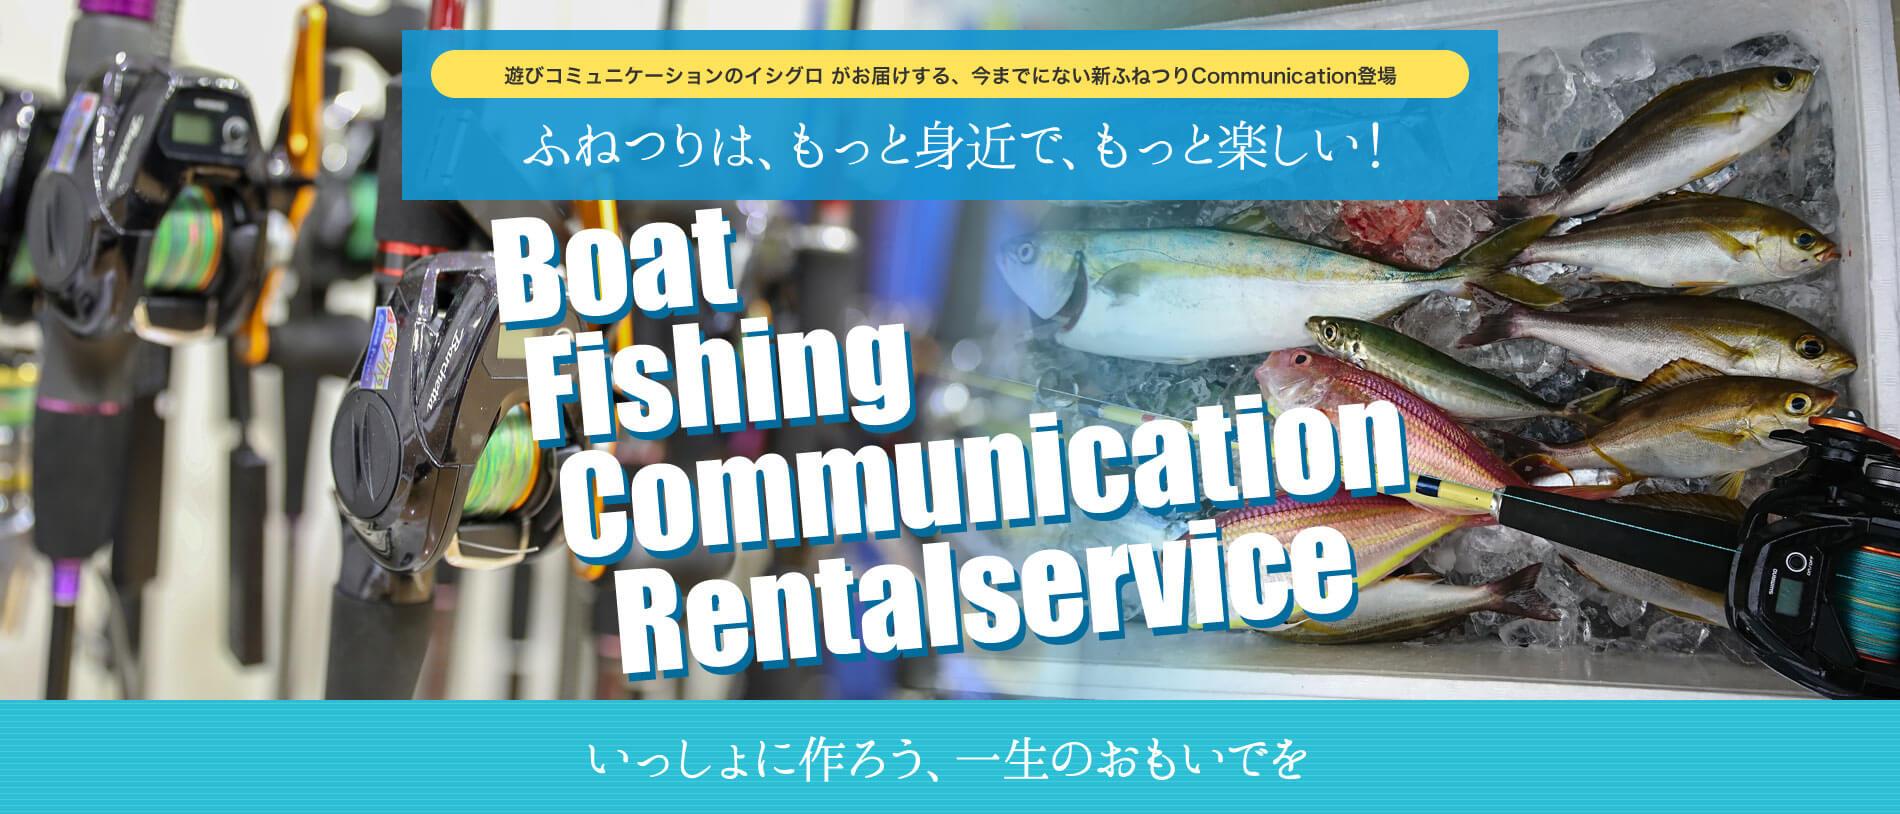 遊びコミュニケーションのイシグロ がお届けする、今までにない新ふねつりCommunication登場 | ふねつりは、もっと身近で、もっと楽しい! | Boat Fishing Communication Rentalservice | いっしょに作ろう、一生のおもいでを